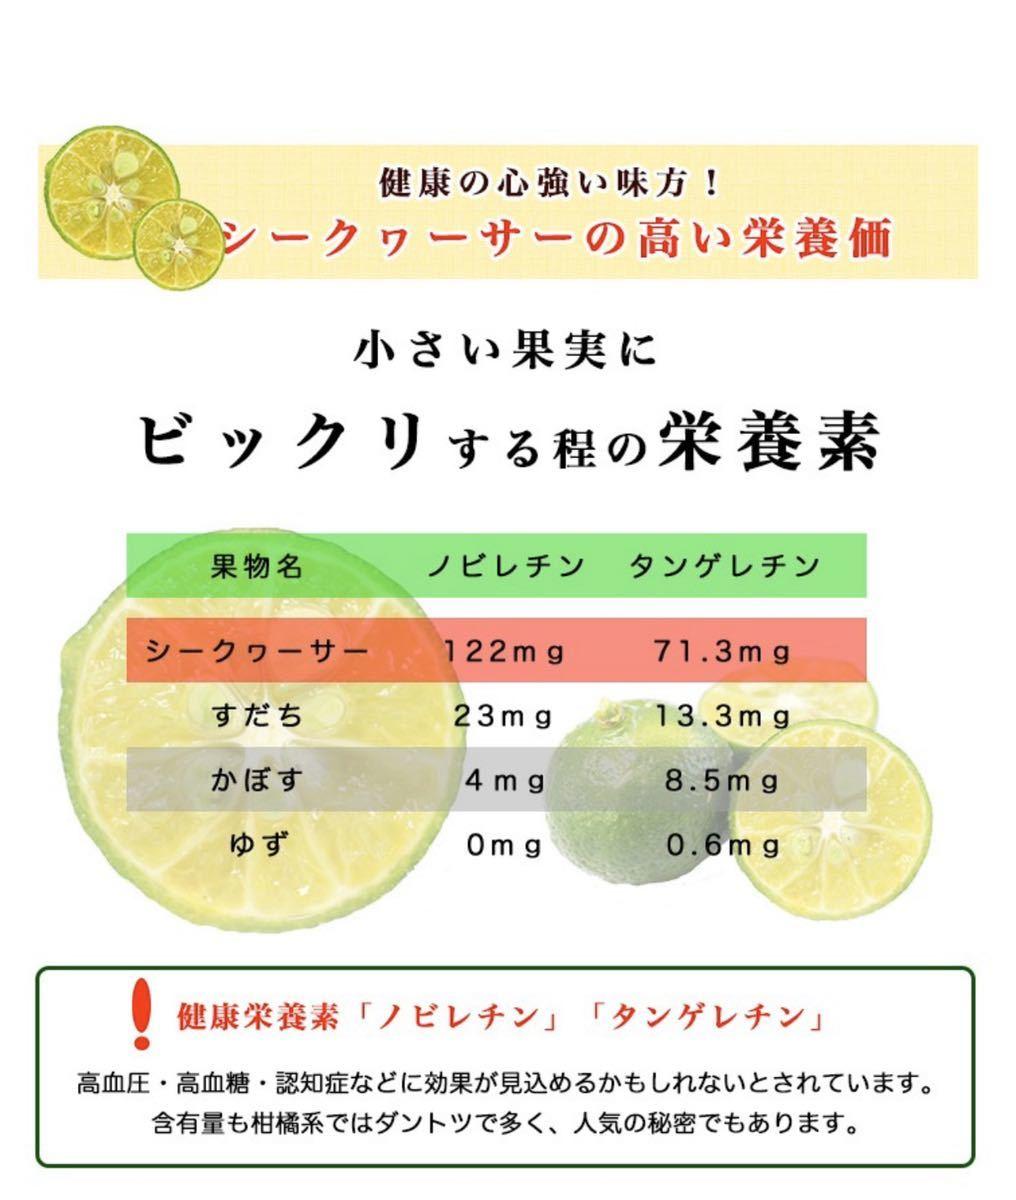 青切りシークヮーサー100%果汁500ml 3本セット 沖縄県産 無添加原液 シークワーサー 健康 ノビレチン 送料無料_画像3